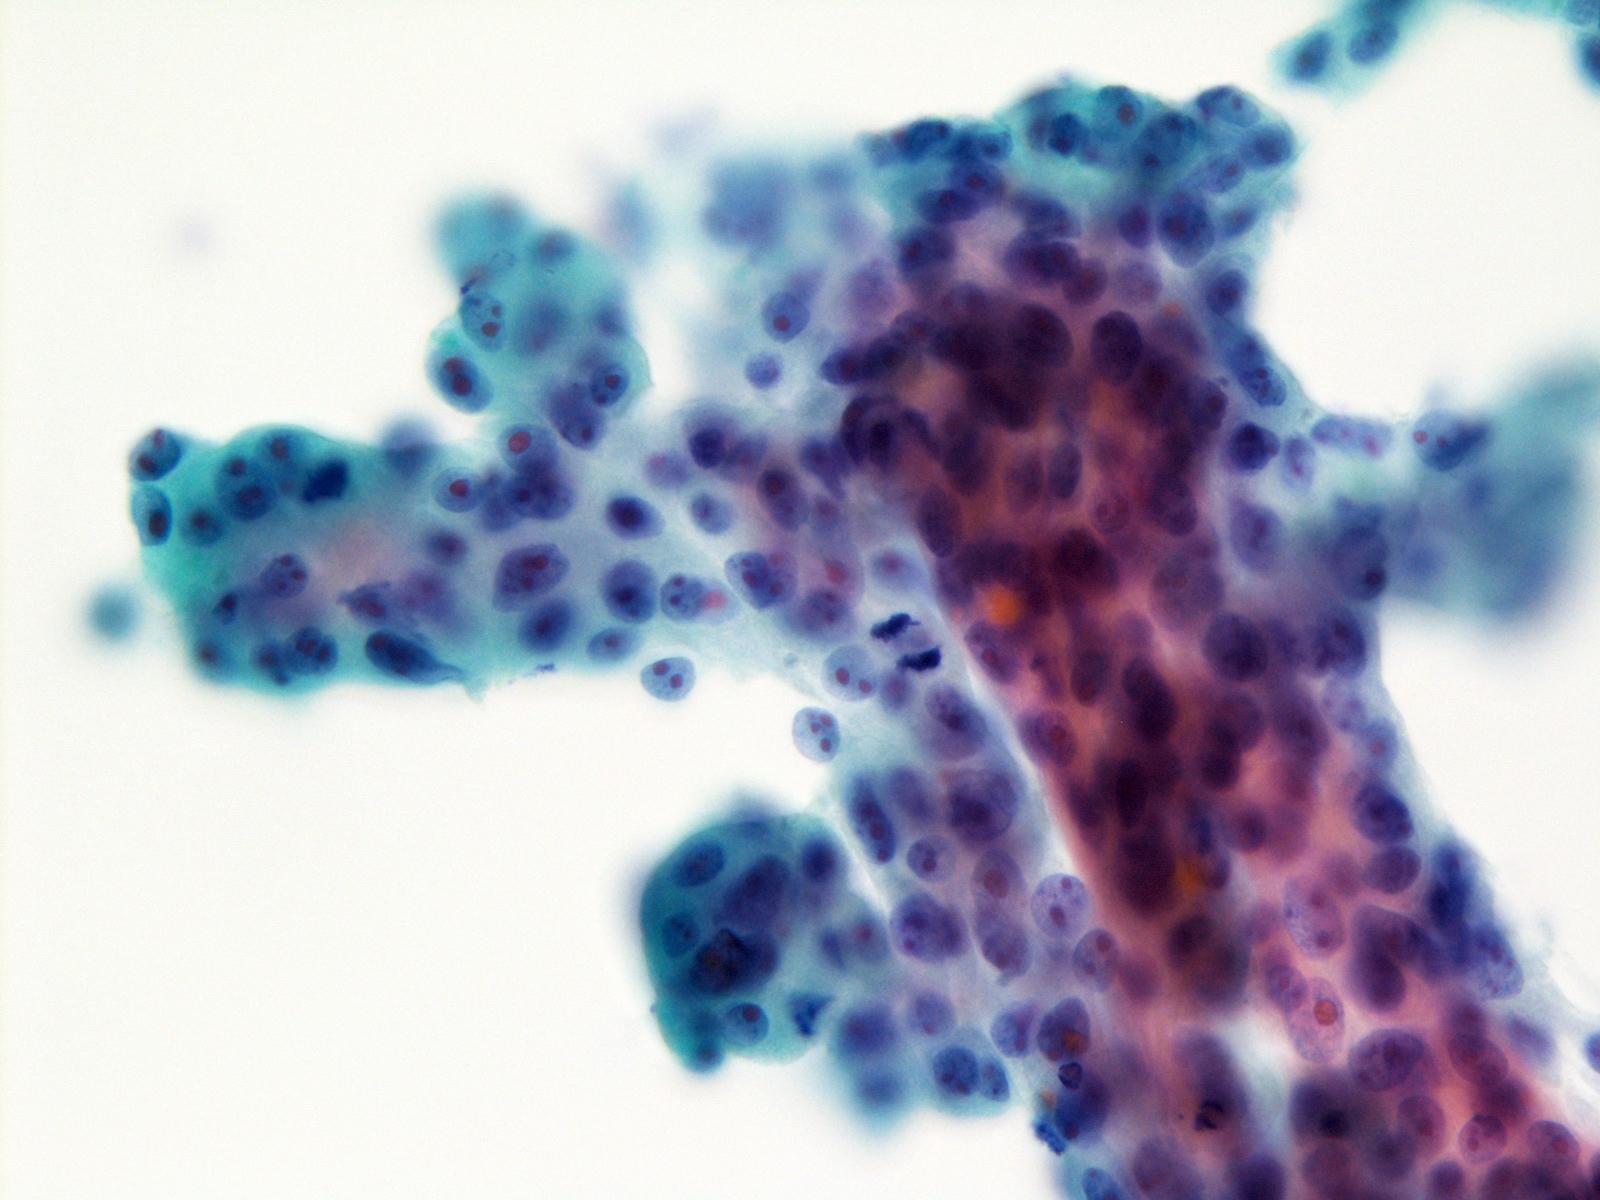 Prominent nucleoli